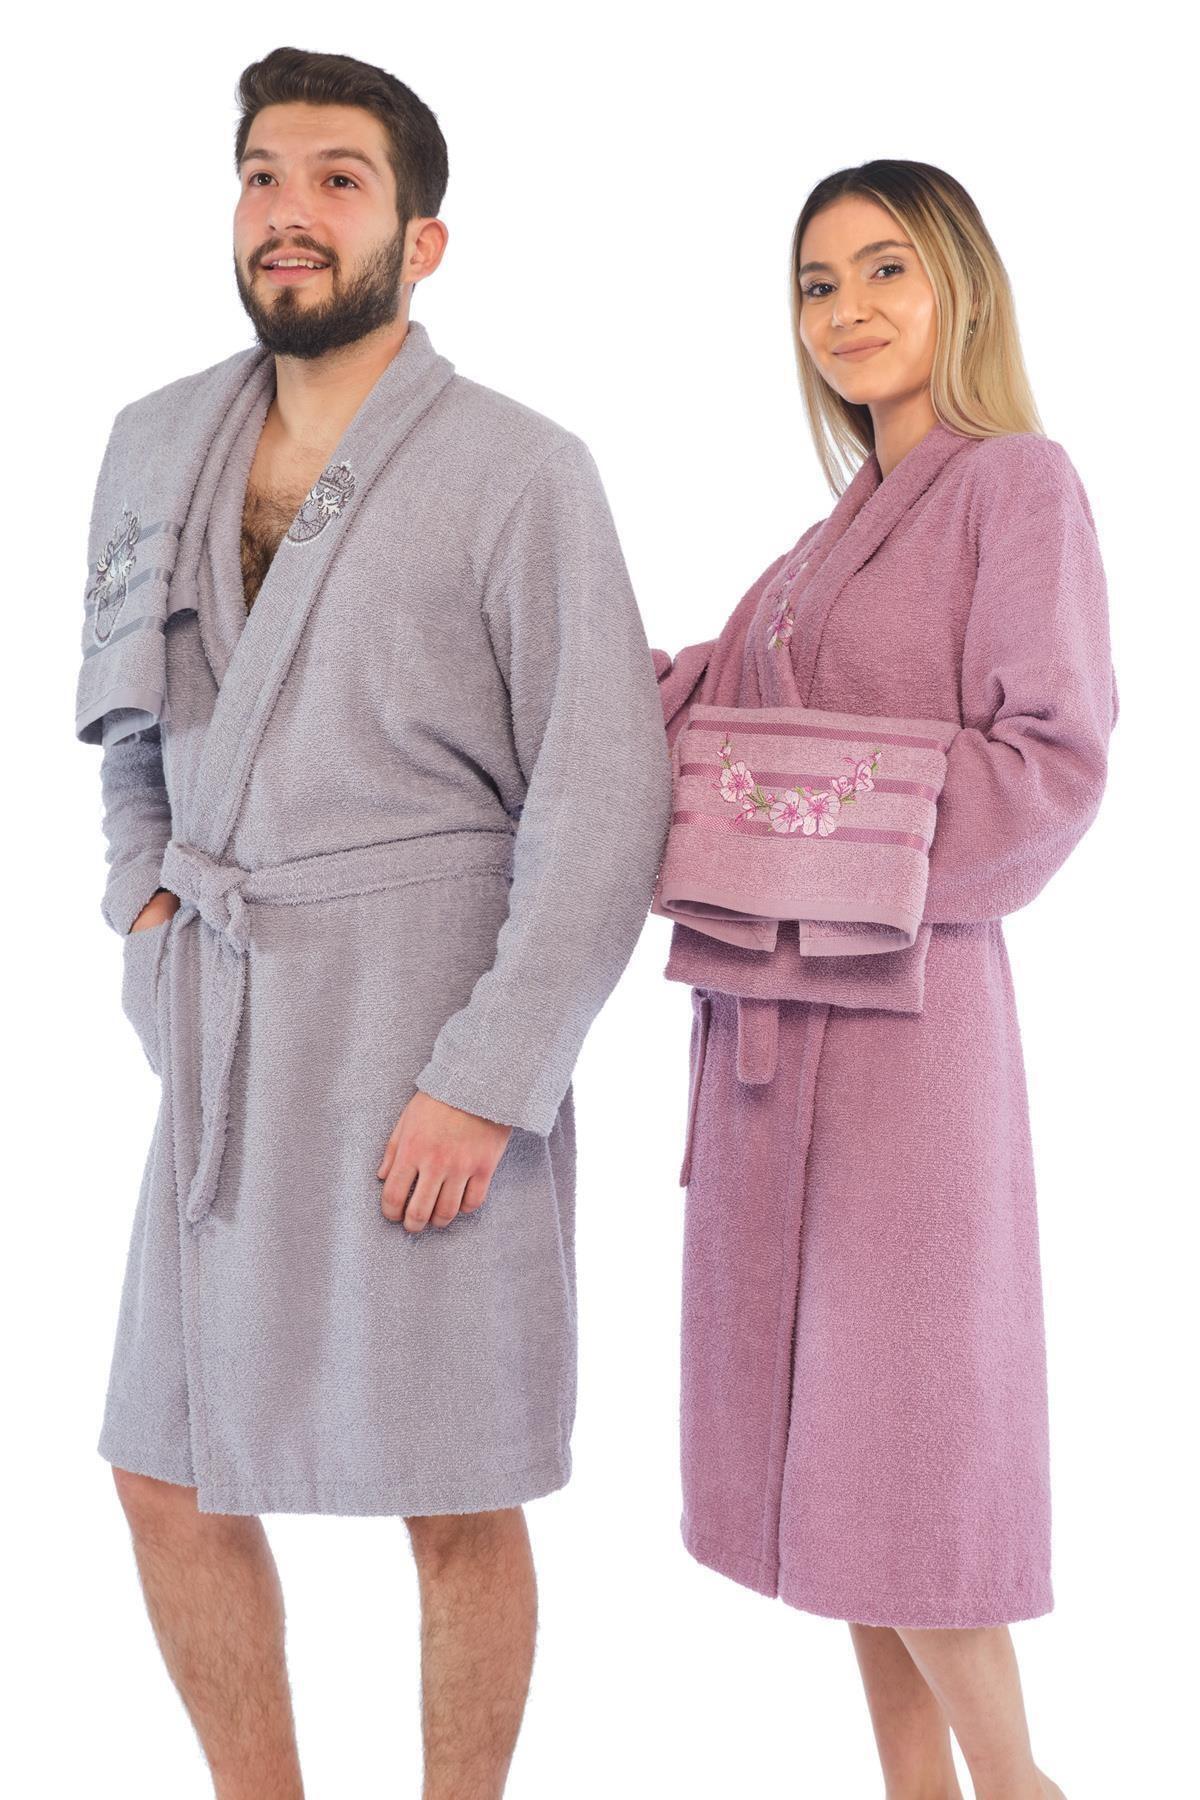 Zeynep Tekstil Arya Nakışlı Bornoz Seti Bornoz Takımı 4 Parça 1